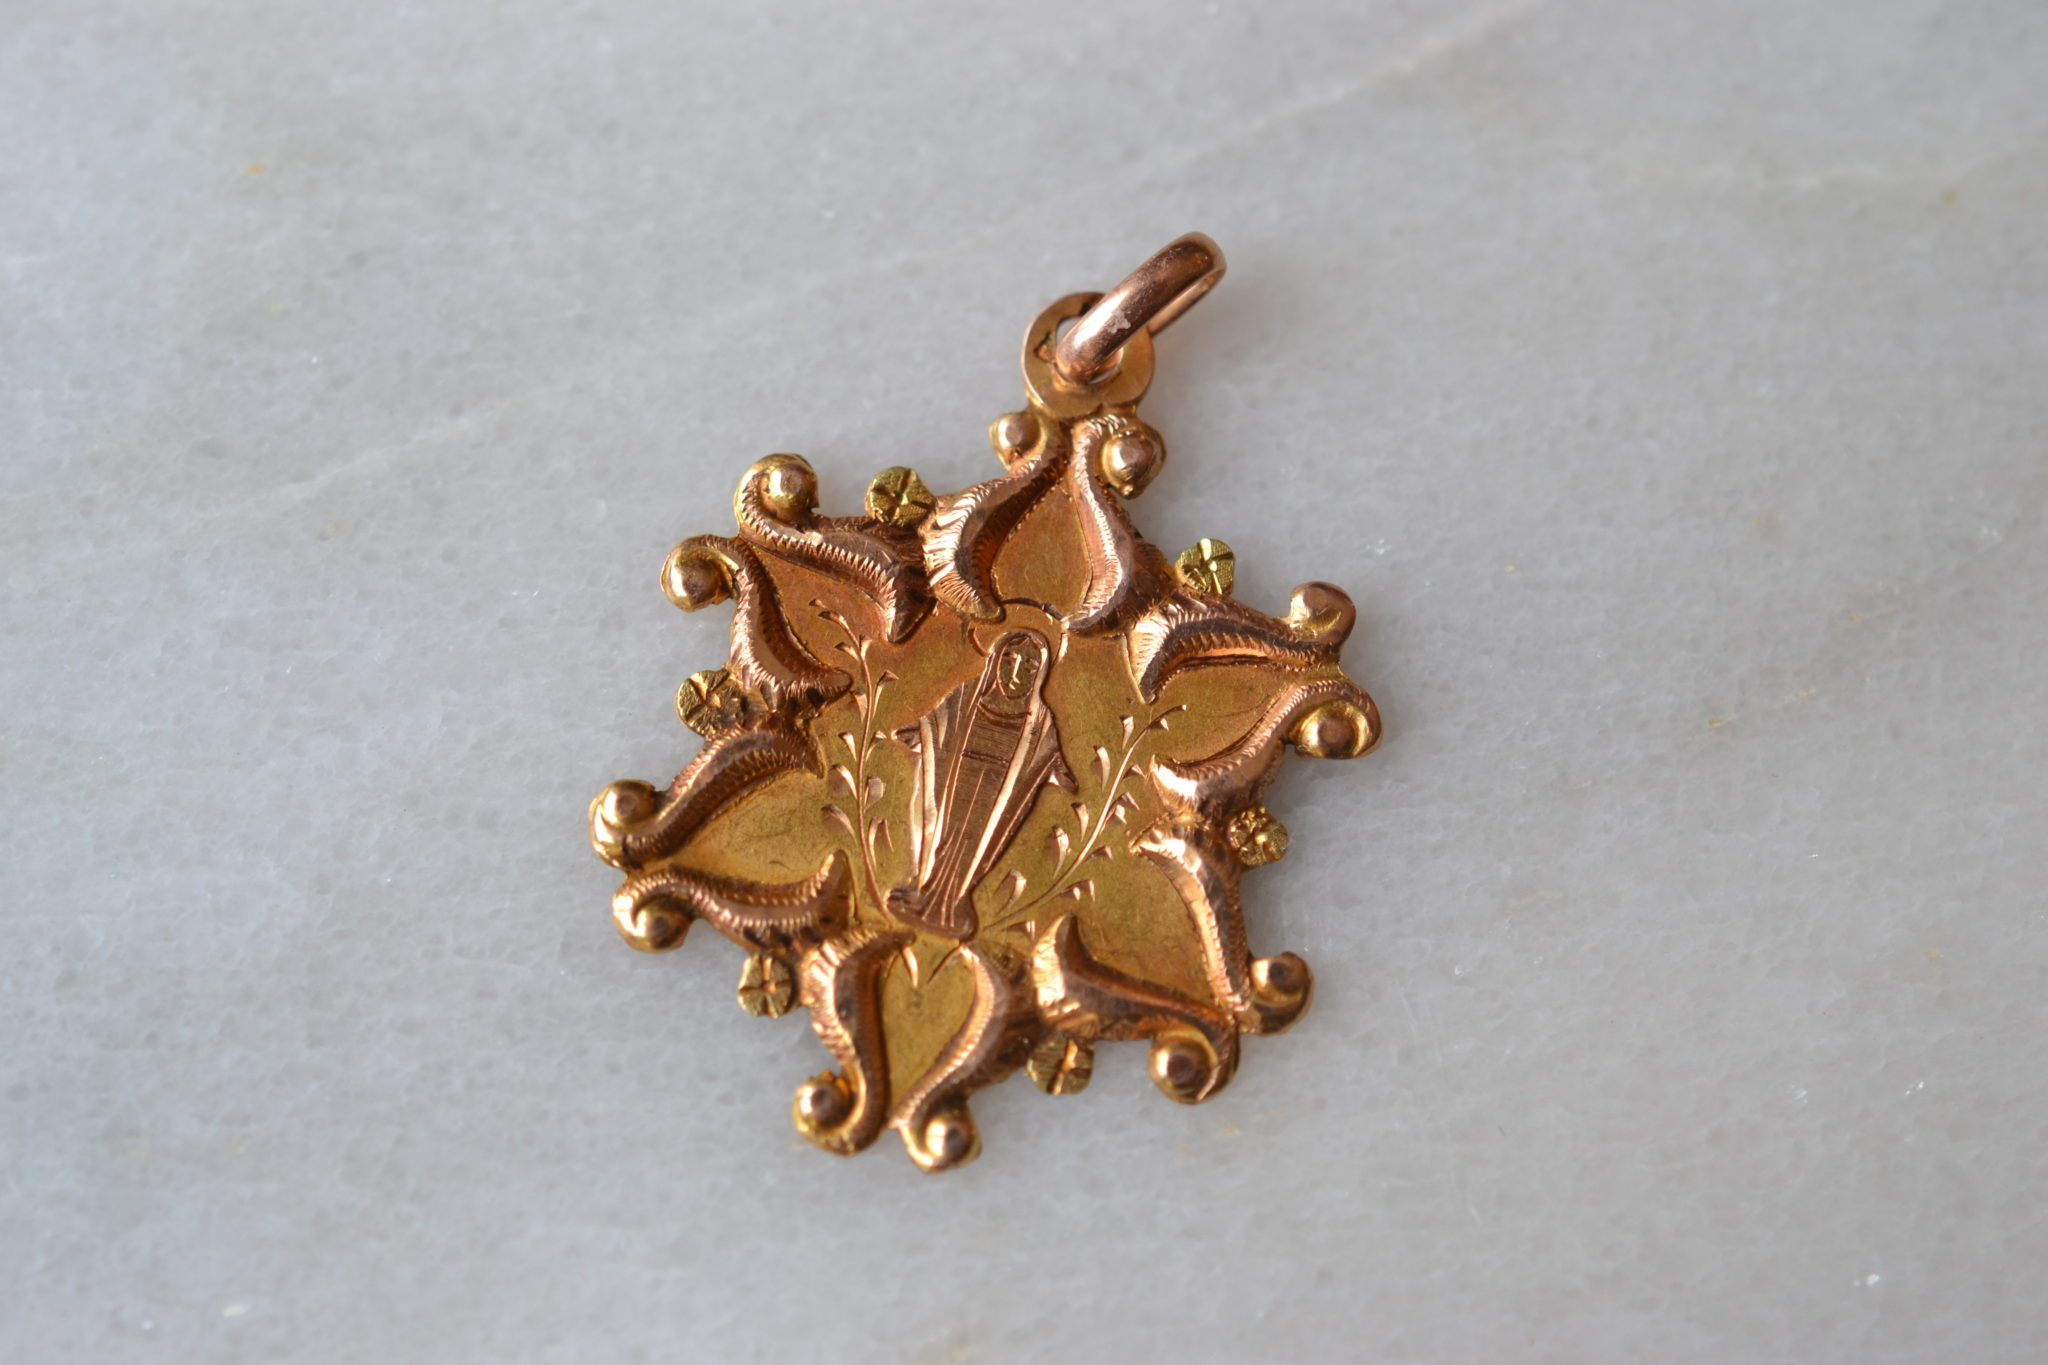 medaille étoile vierge - bijoux anciens en Or - bijoux ethiques